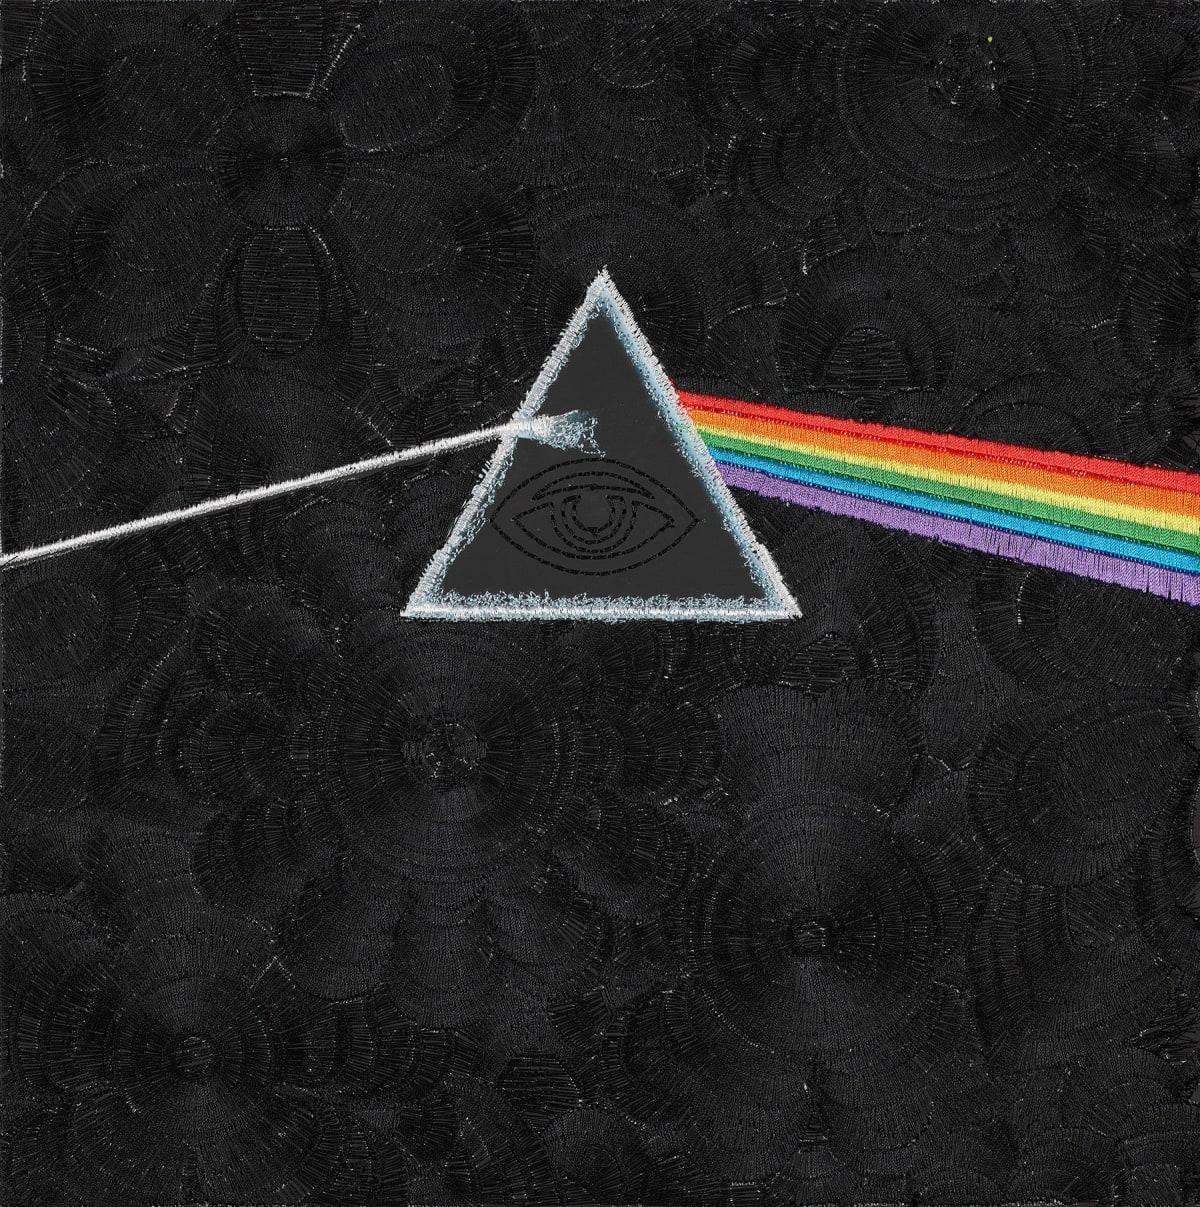 Stephen Wilson, The Dark Side of the Moon, Pink Floyd , 2019